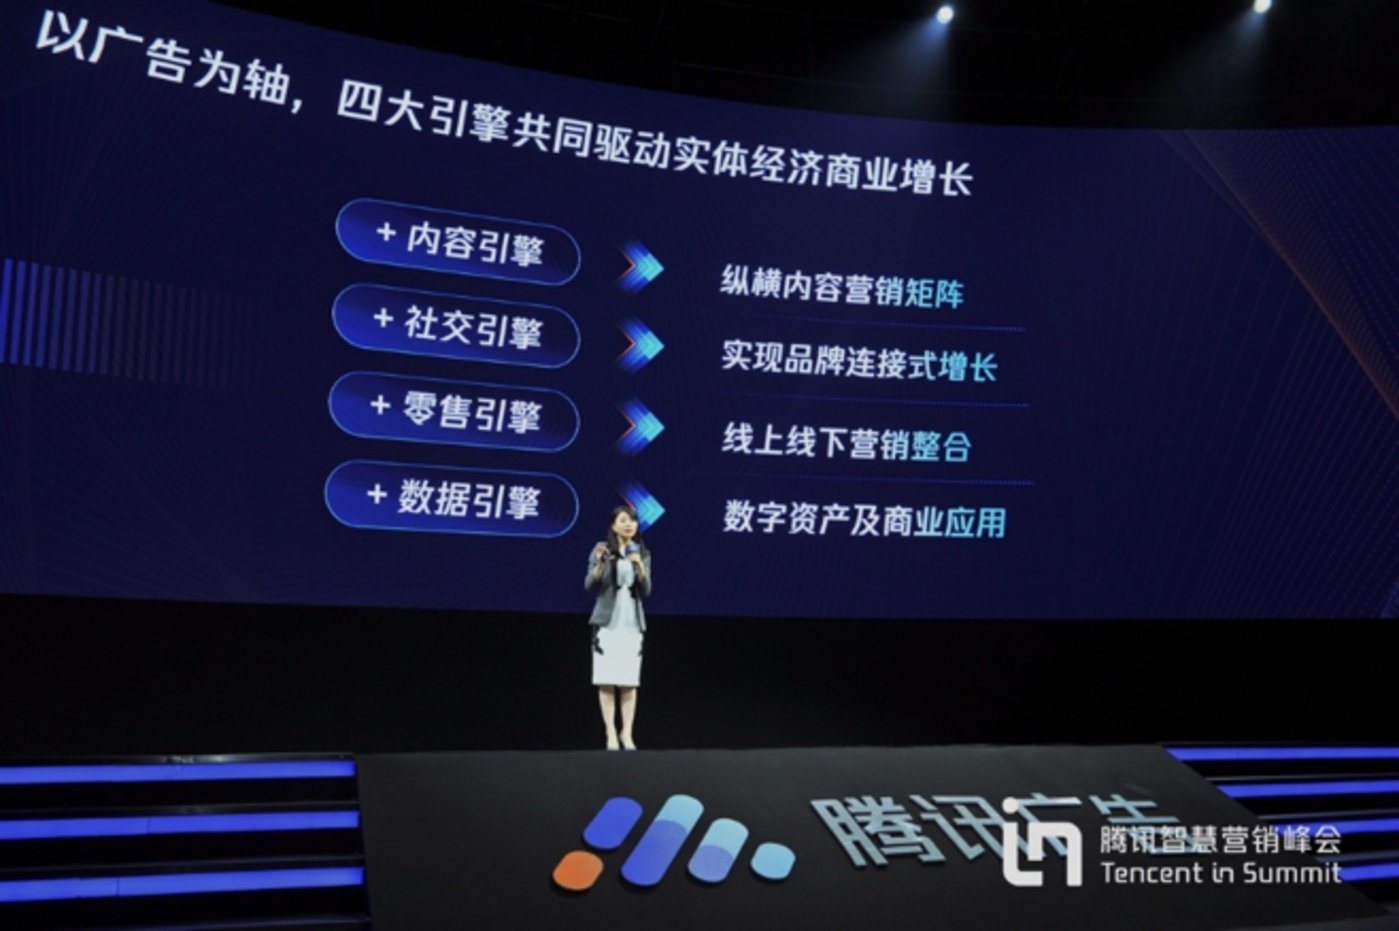 腾讯广告大客户出售运营总经理范奕瑾在现场分享